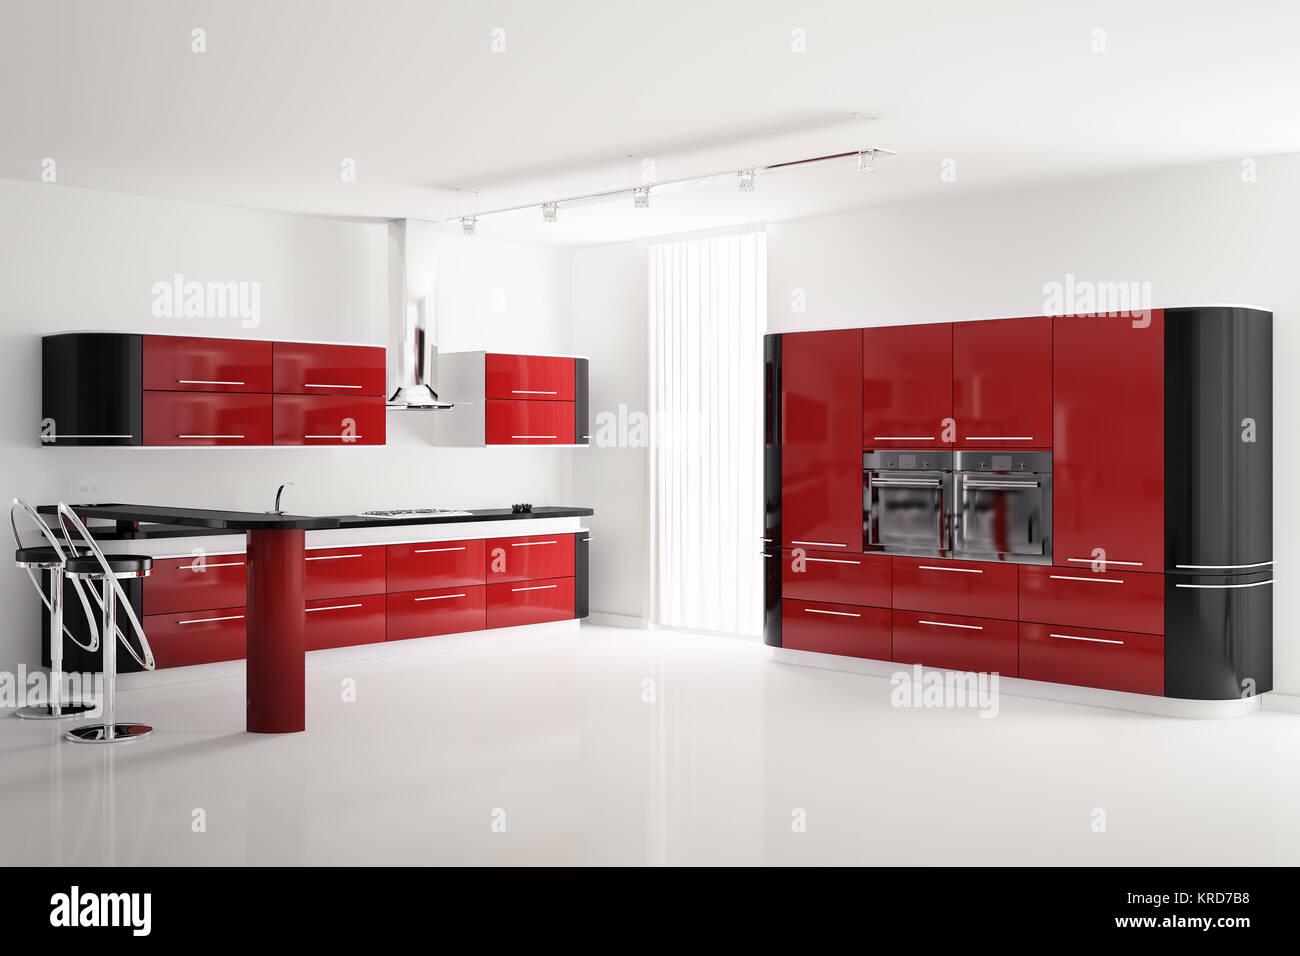 Interno del moderno rosso e nero cucina con tavolo bar e sgabelli